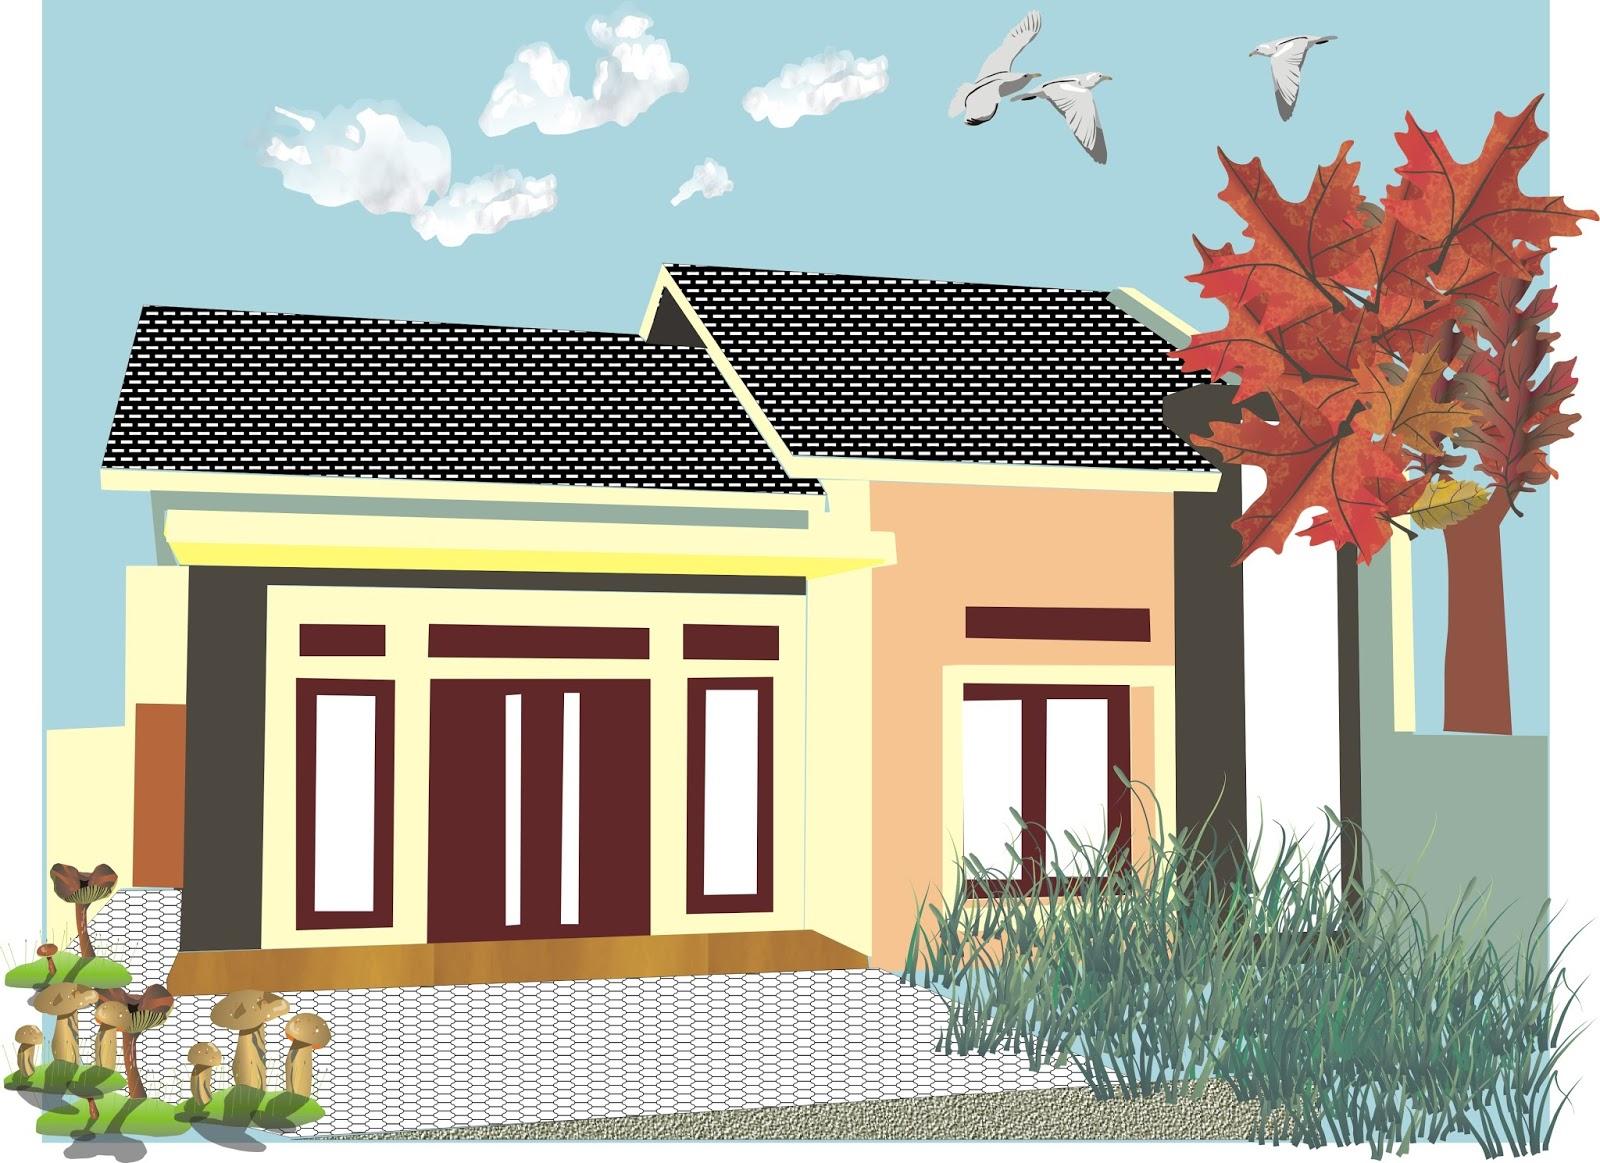 Info Desain Arsitektur Rumah Minimalis & Arsitektur Rumah Minimalis   coretan Fuad